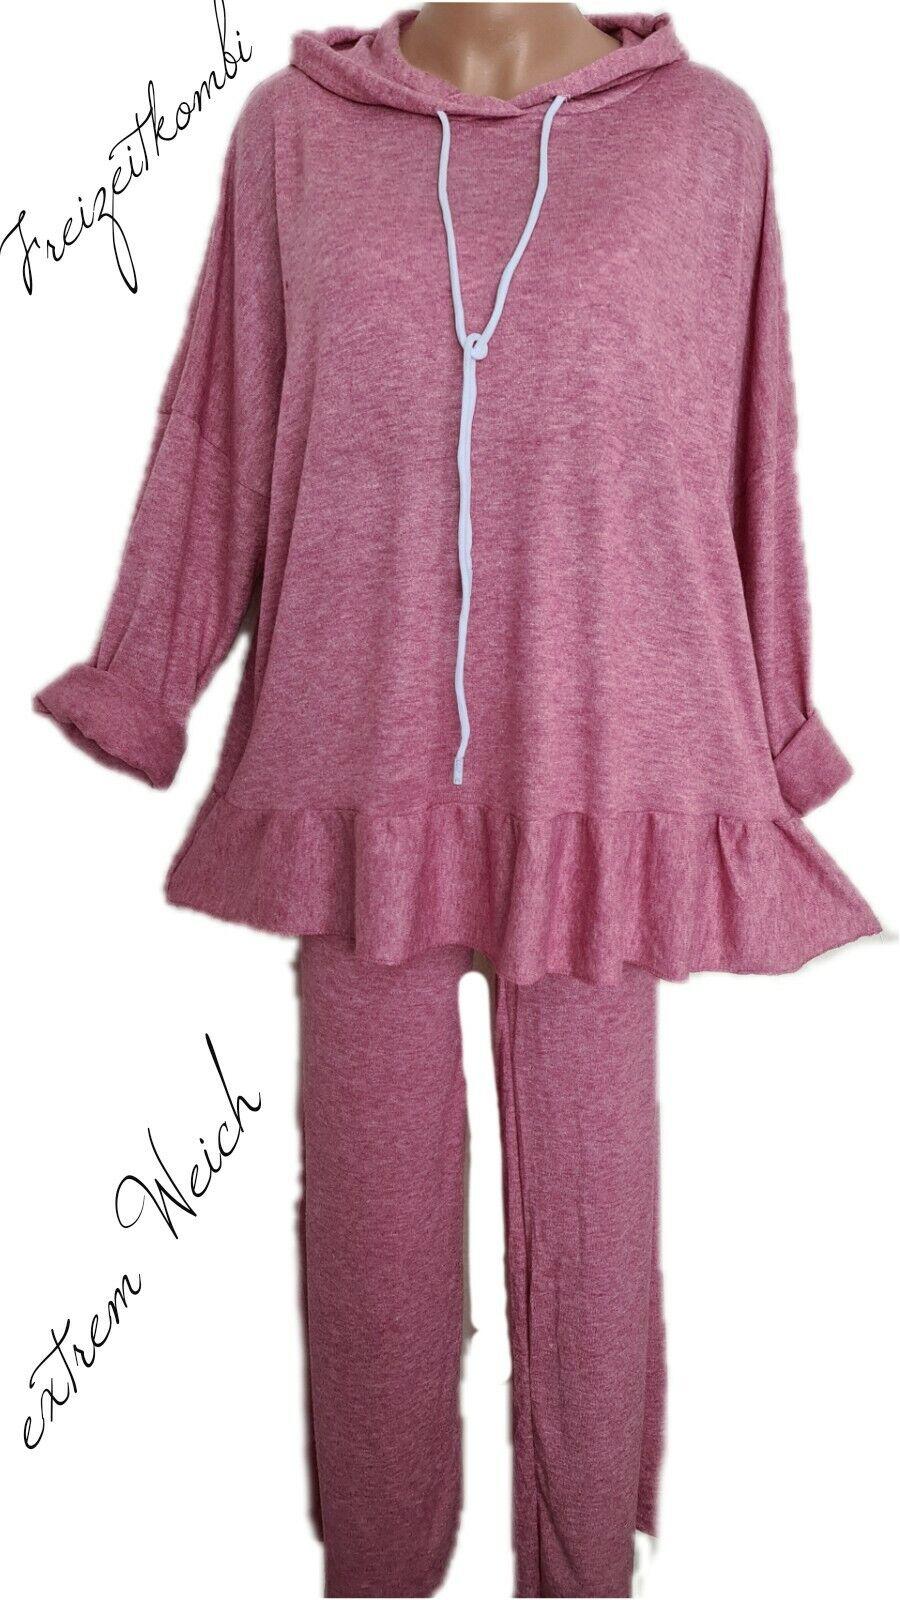 Gr.44-46 Weicher Lounge Dress Lovis (Plum) XL/XXL Hoodie+ Hose Freizeit Anzug